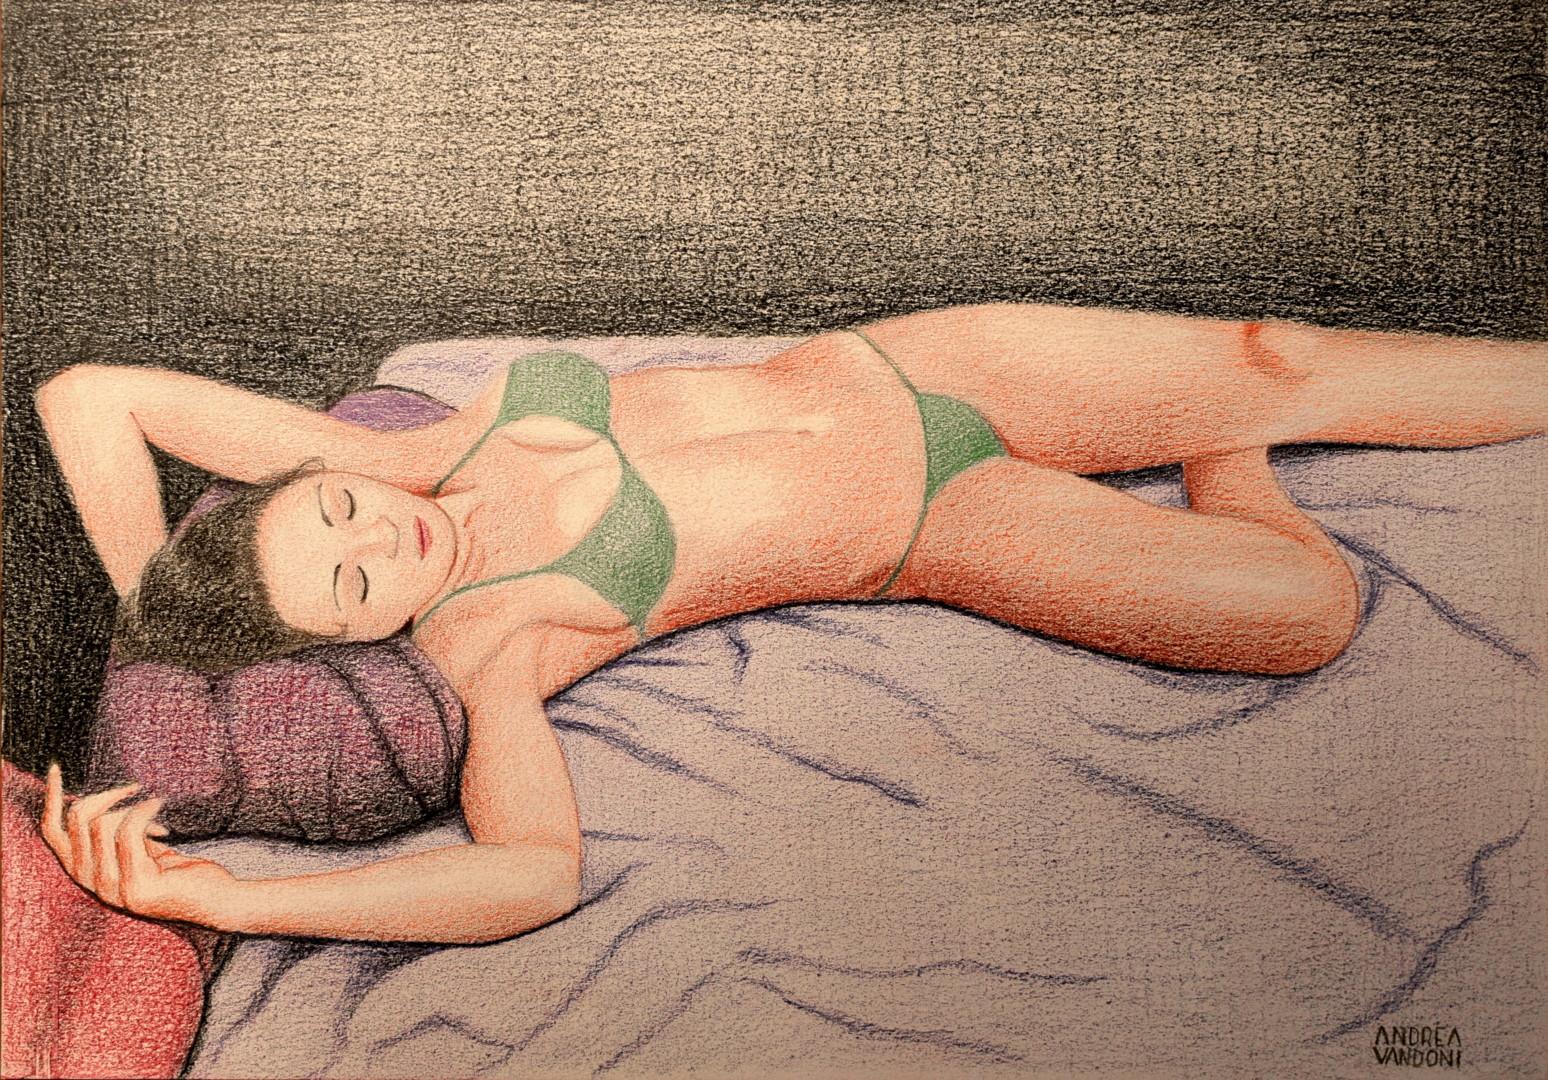 Andrea Vandoni - SUMMER SLEEP